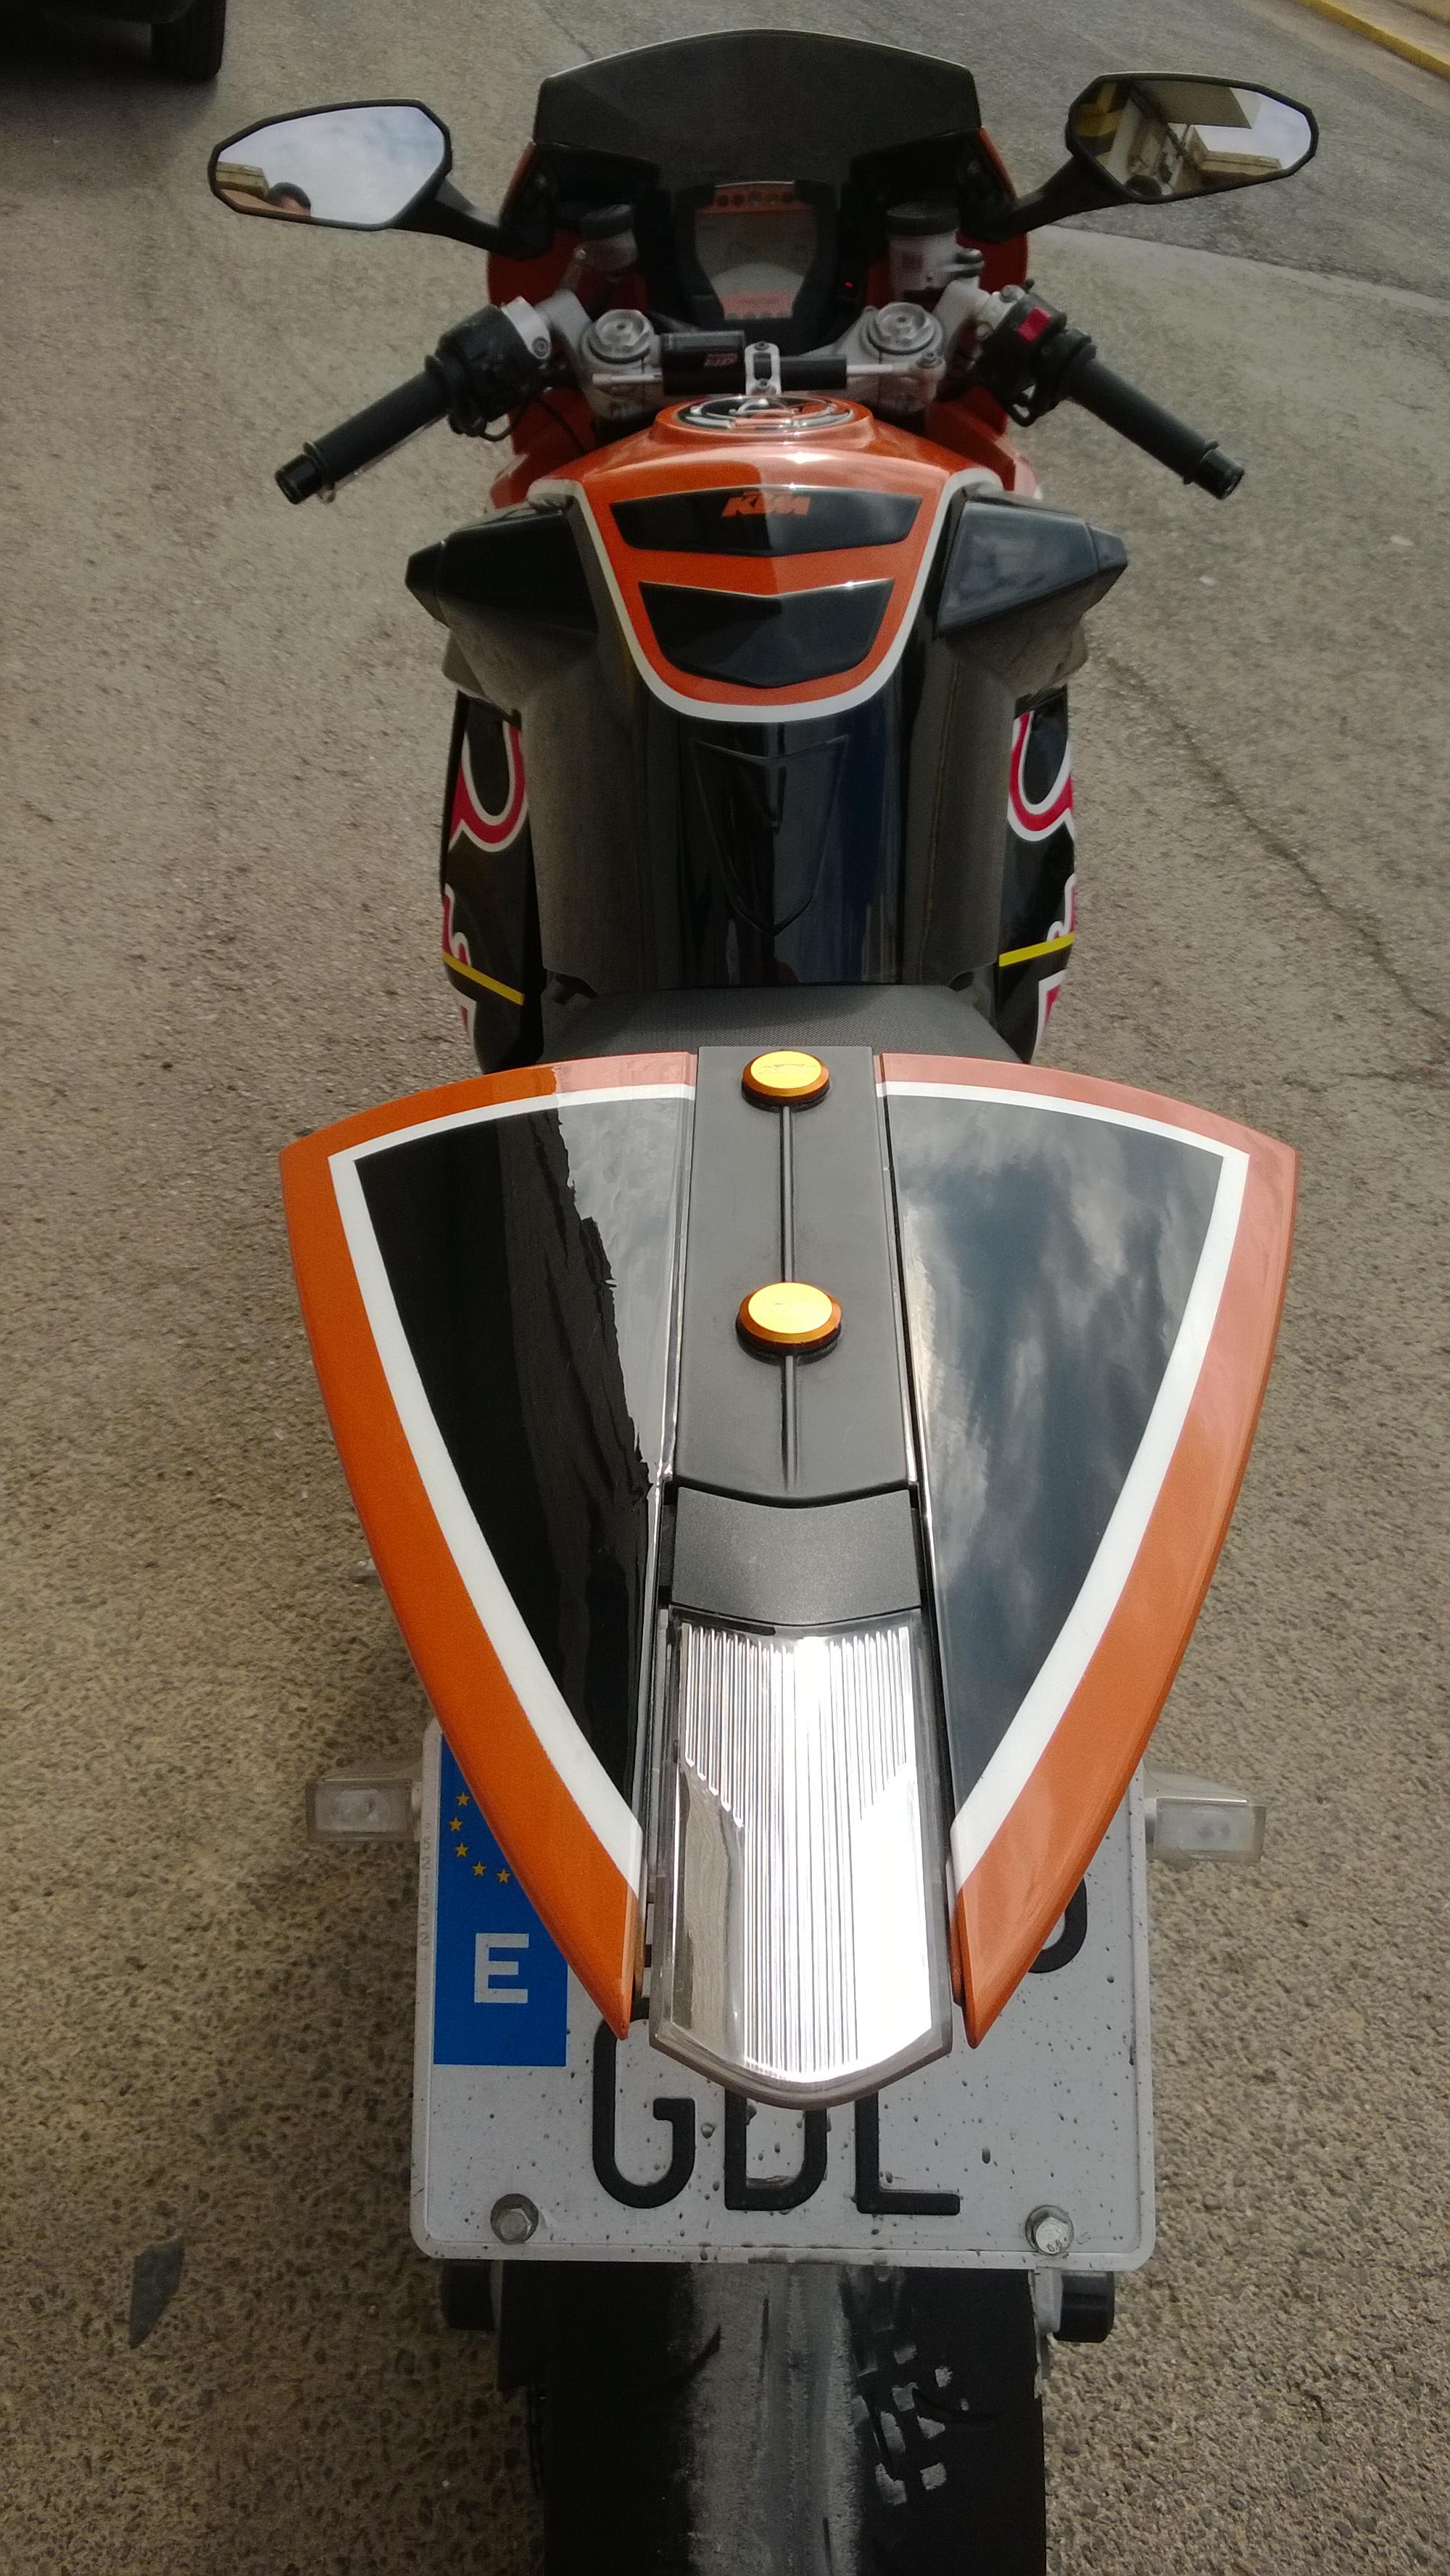 Pintura moto Ktm rc8 redbull